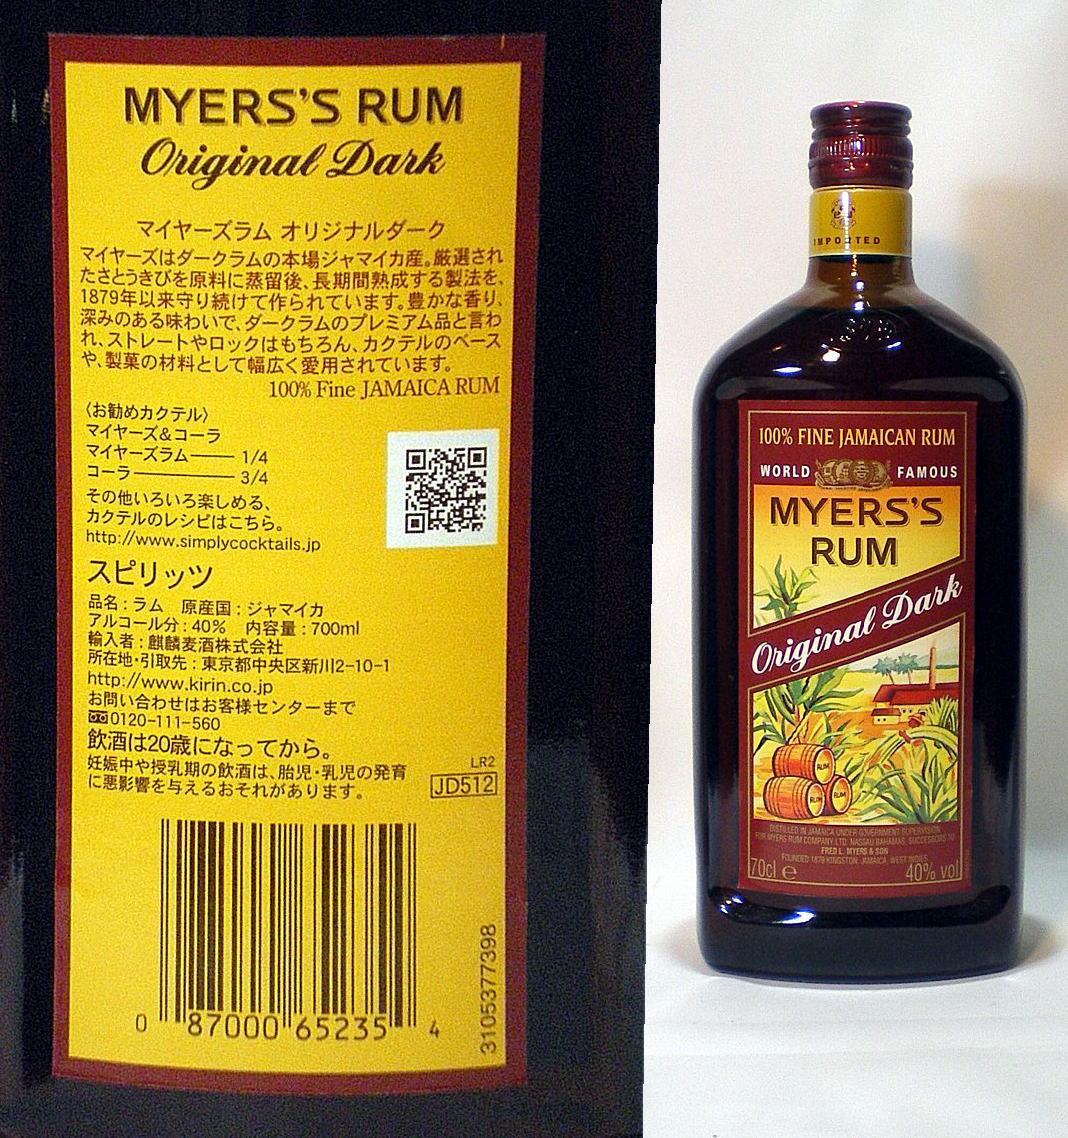 追加お取り寄せできません Myers`s Rum Original Dark 100% [宅送] Jamaican 在庫限り マイヤーズ オリジナル 正規品 40度 ジャマイカ産ダークラム洋菓子材料との相性の良さから世界の一流洋菓子店やレストランで愛用されています 驚きの値段で 700ml ラム ダークラム ラベルが汚れています 終売商品